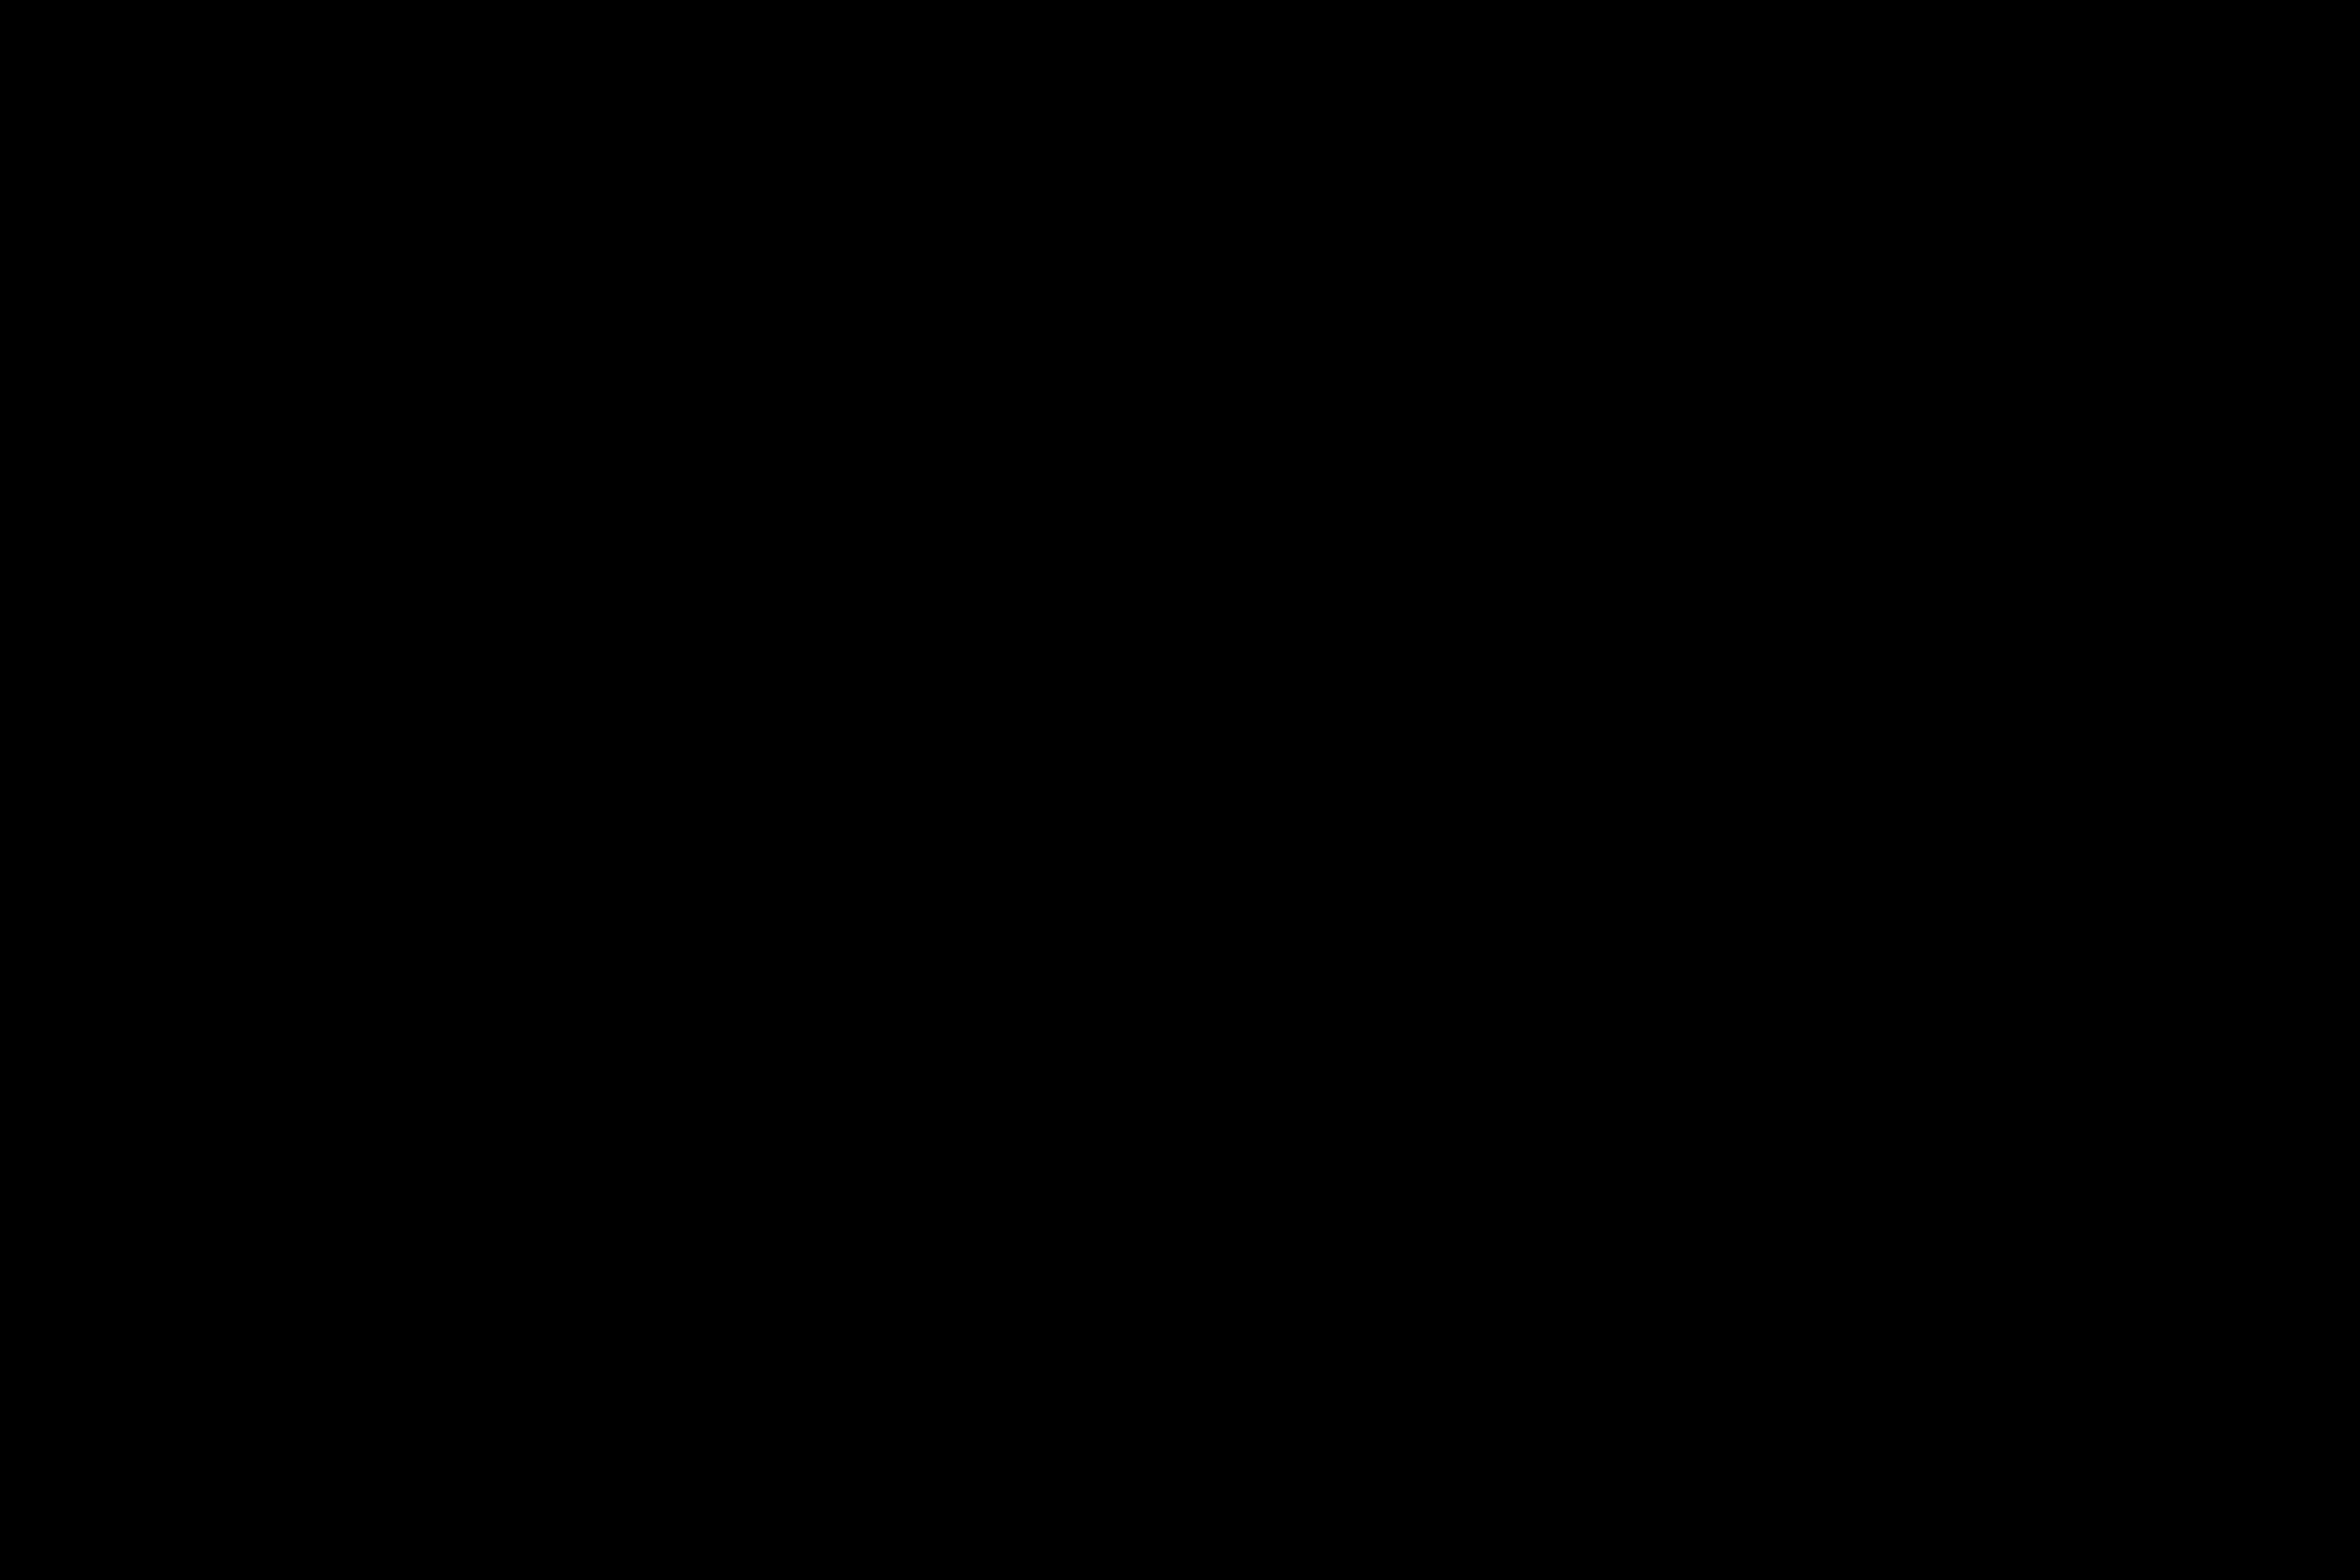 An elderly woman applying sunscreen